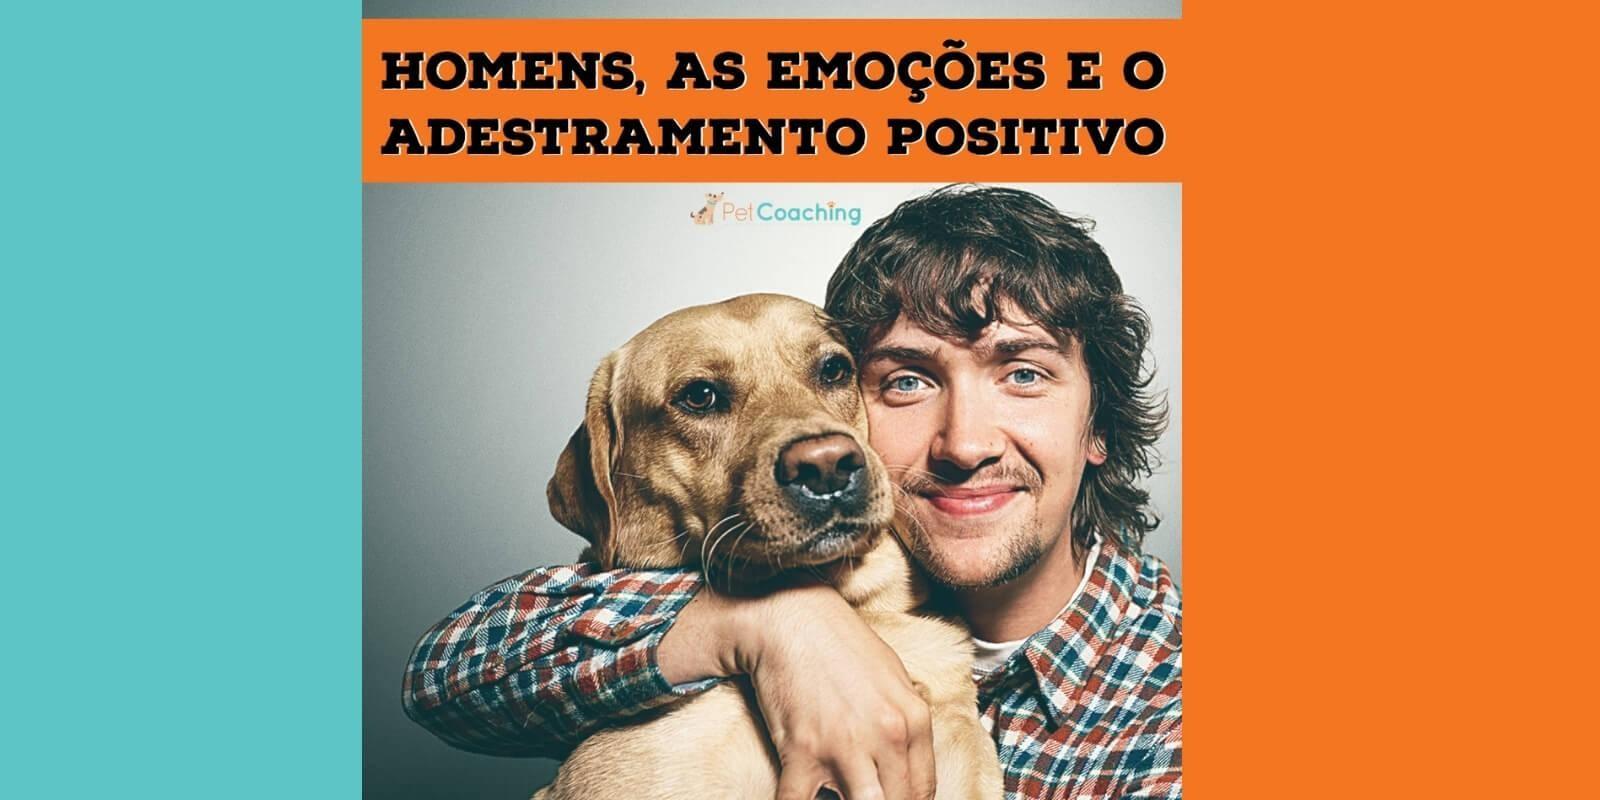 Lambeijos, Carla Ruas - Homens, as Emoções e o Adestramento Positivo